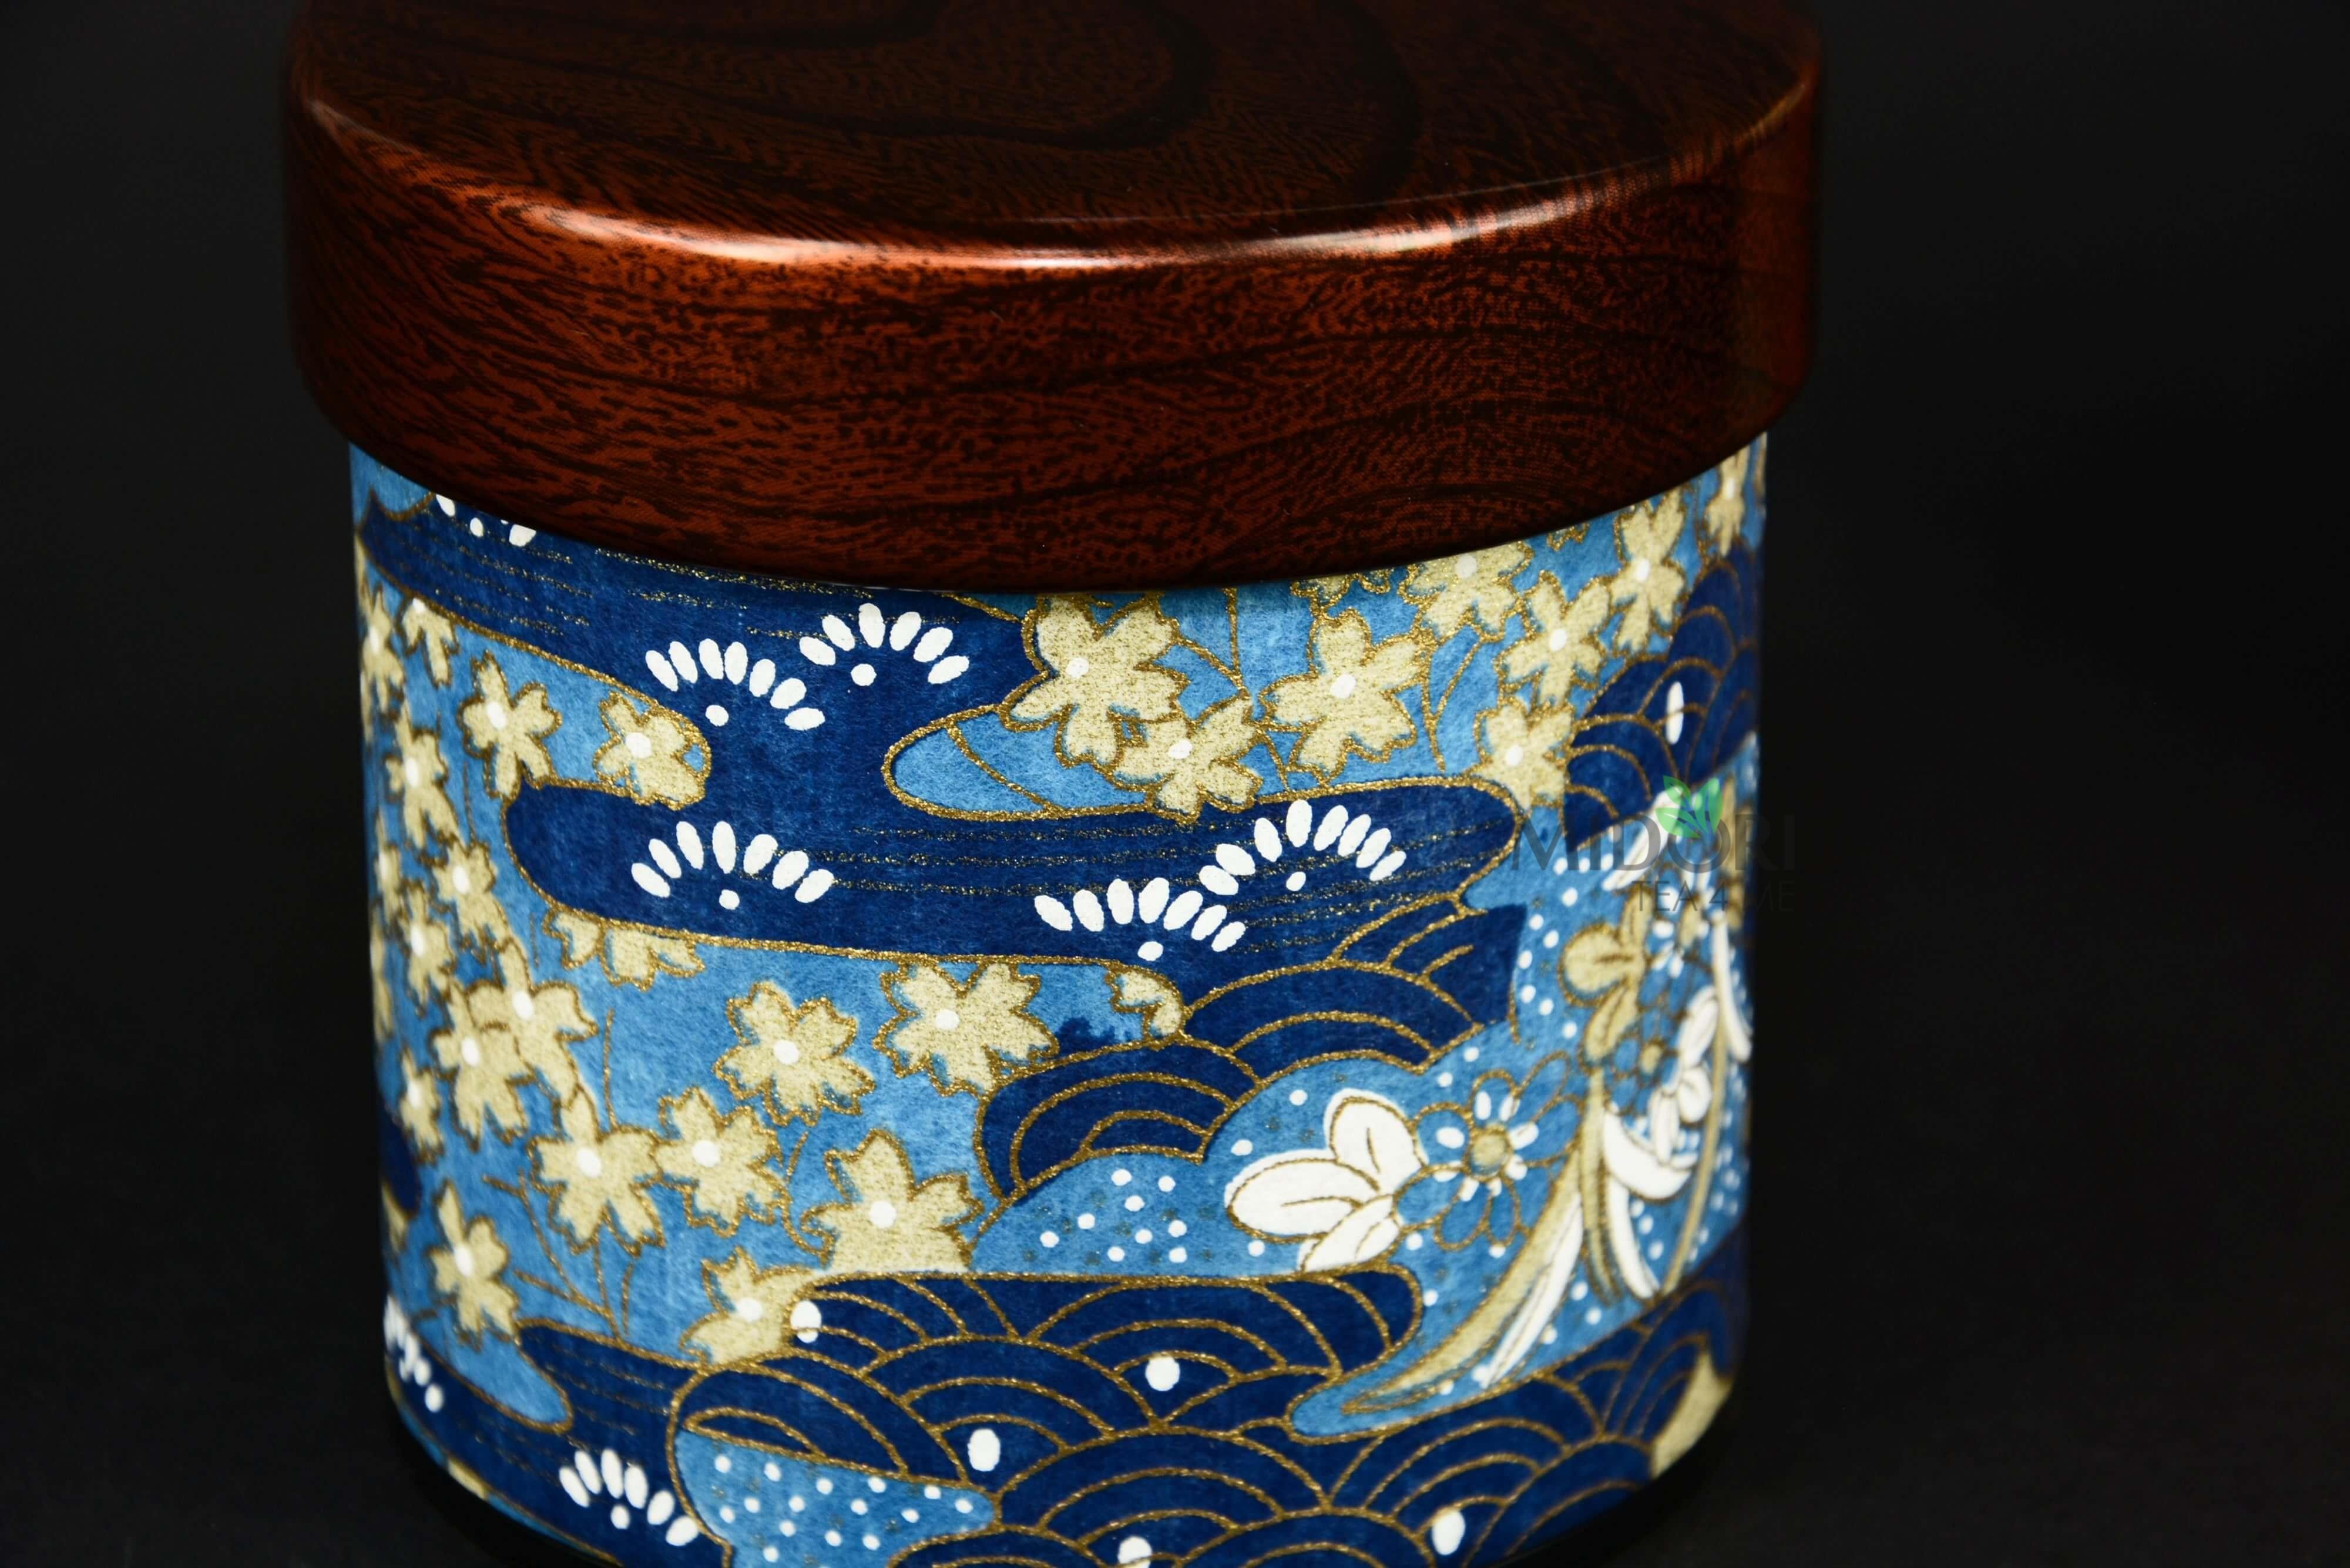 japoński pojemnik do herbaty, pojemnik do herbaty